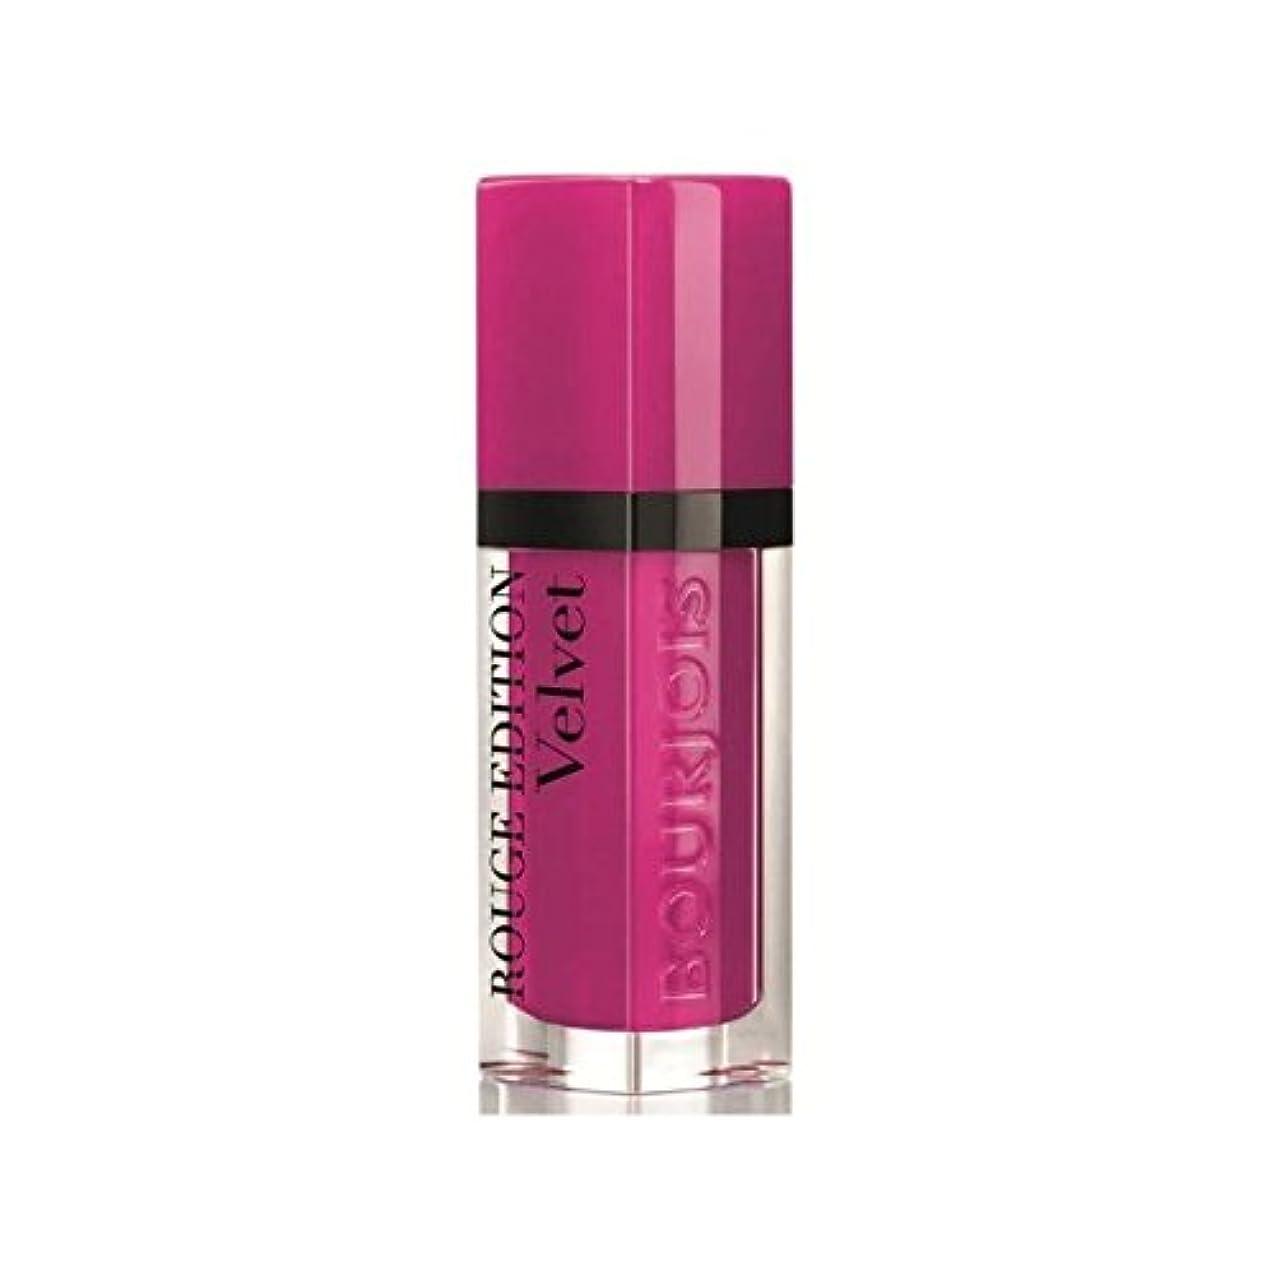 ビリー煙浸透するブルジョワルージュ版ベルベットの口紅ピンクピンポン6 x4 - Bourjois Rouge Edition Velvet lipstick Pink Pong 6 (Pack of 4) [並行輸入品]